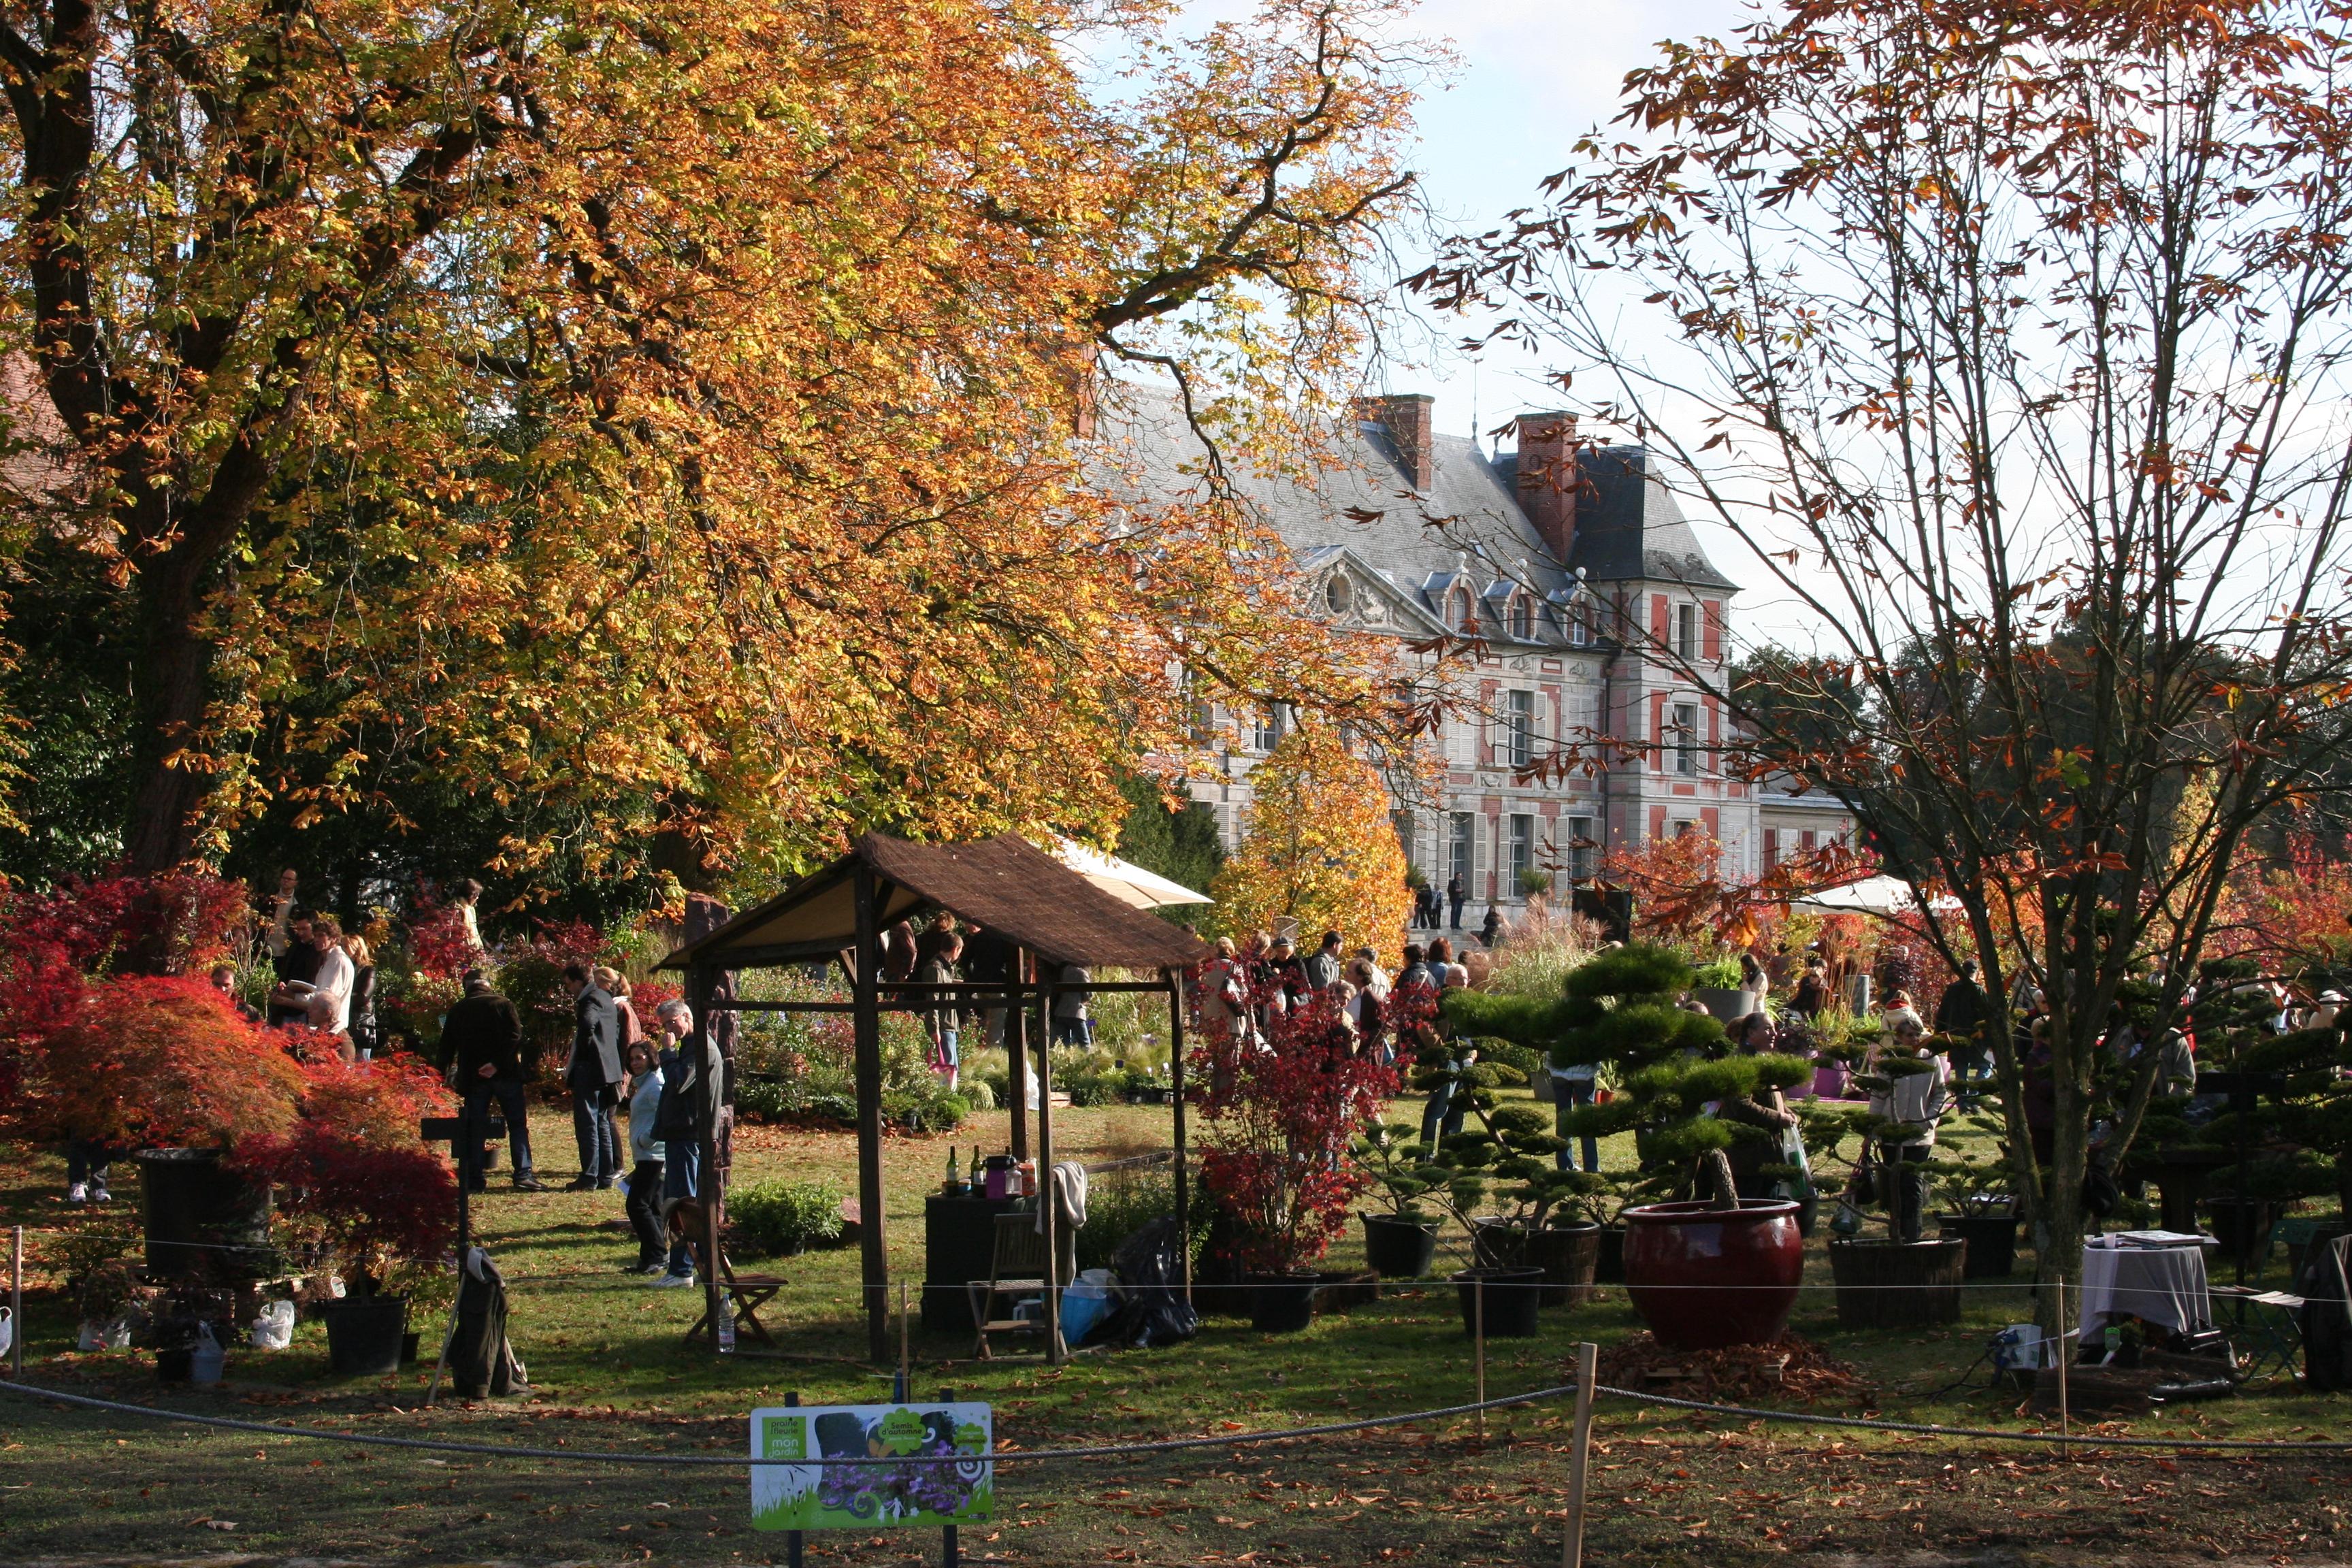 Autumn colour at the Chateau de Courson